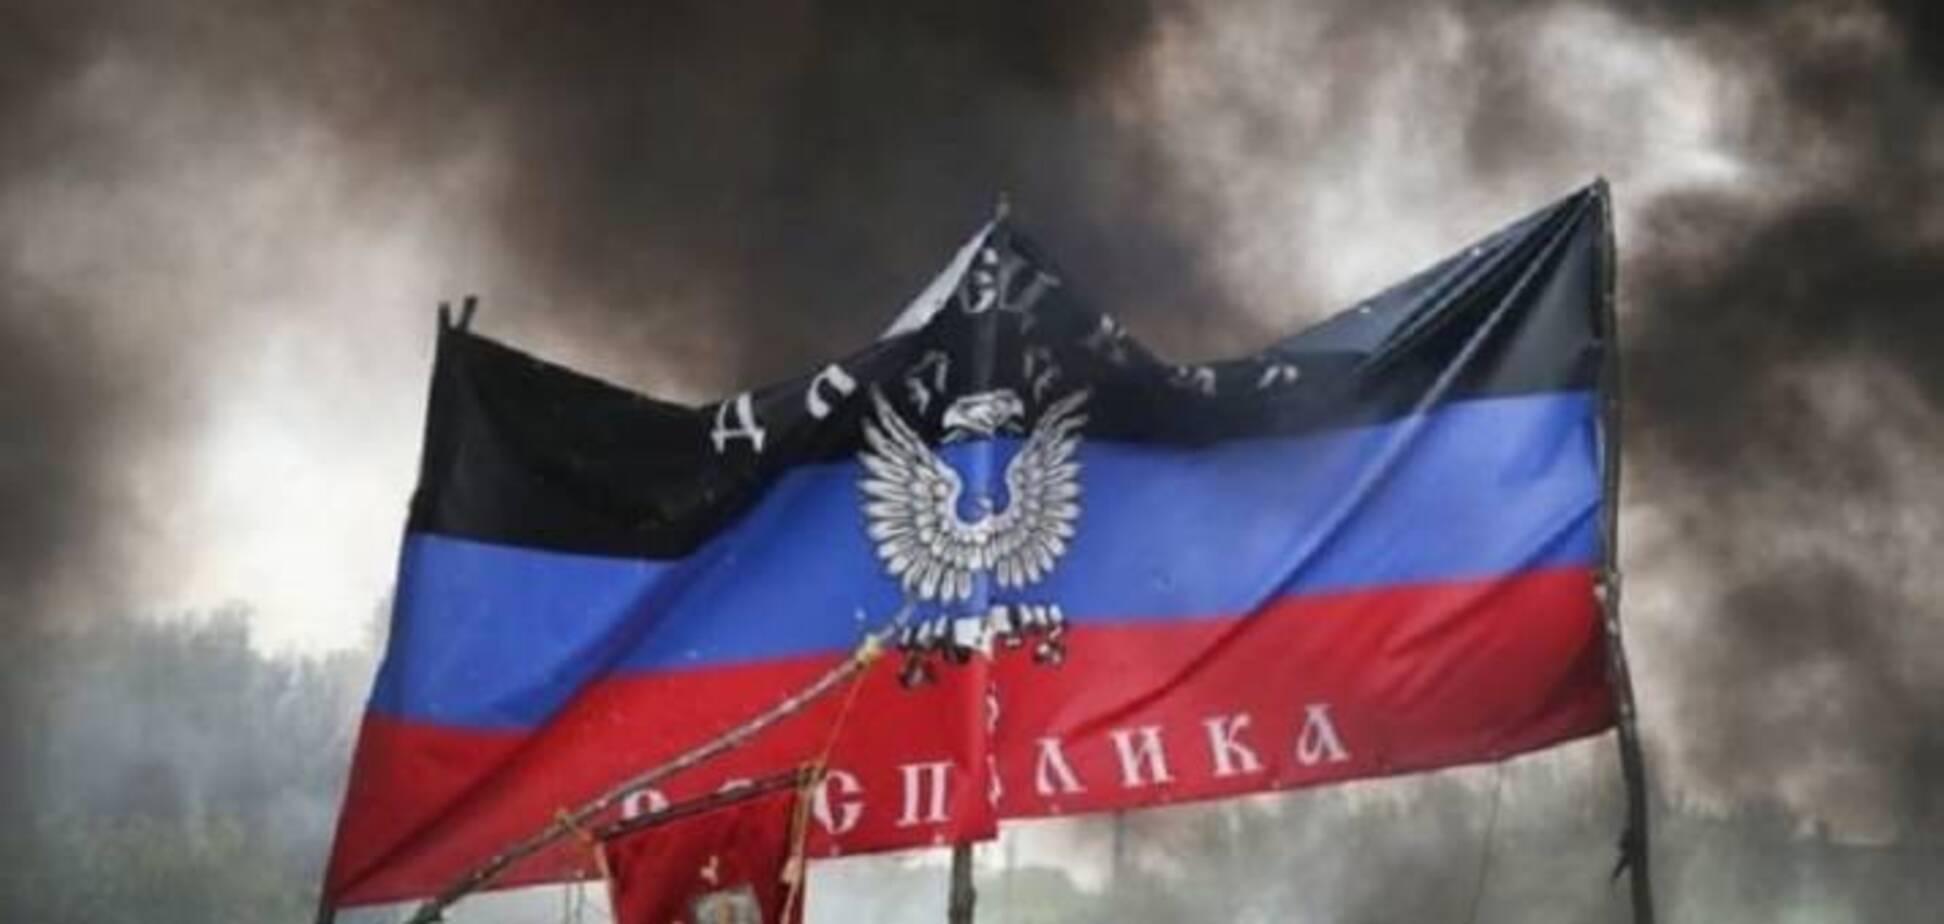 'Украина загнивает в долгах': стало известно, как зомбируют жителей 'ДНР'